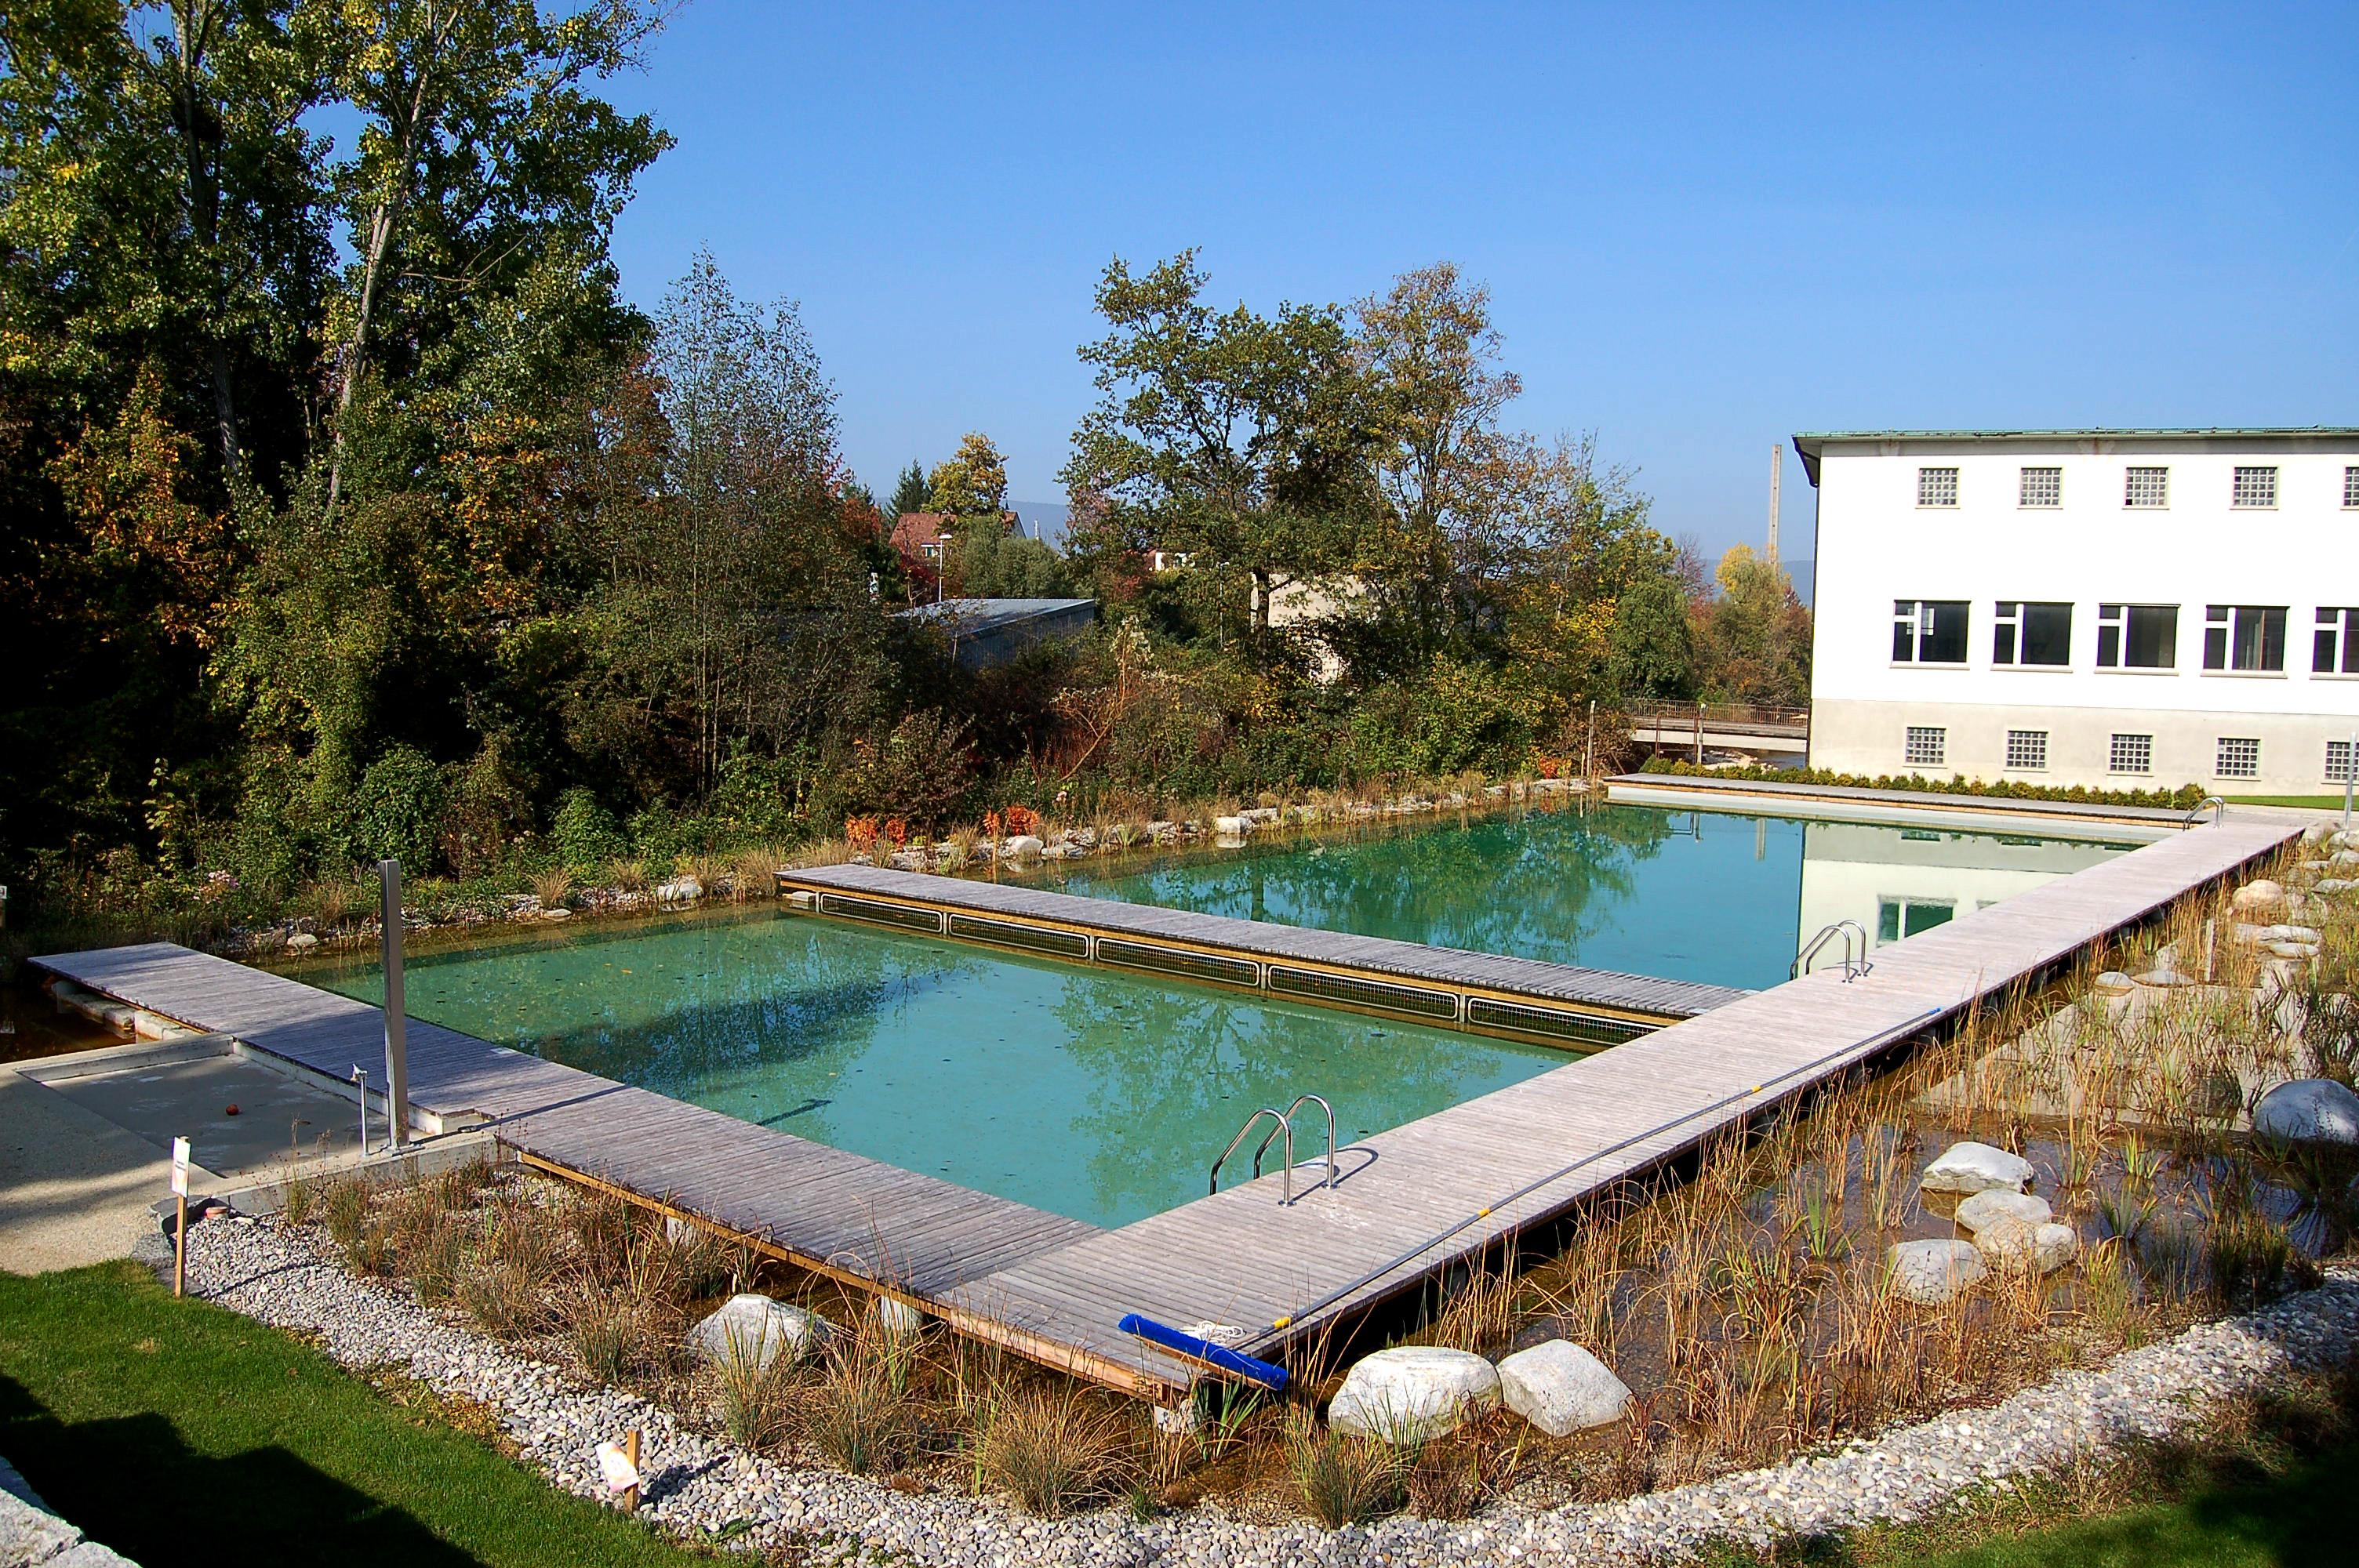 badeteich breitenbach 2007 10 14 117